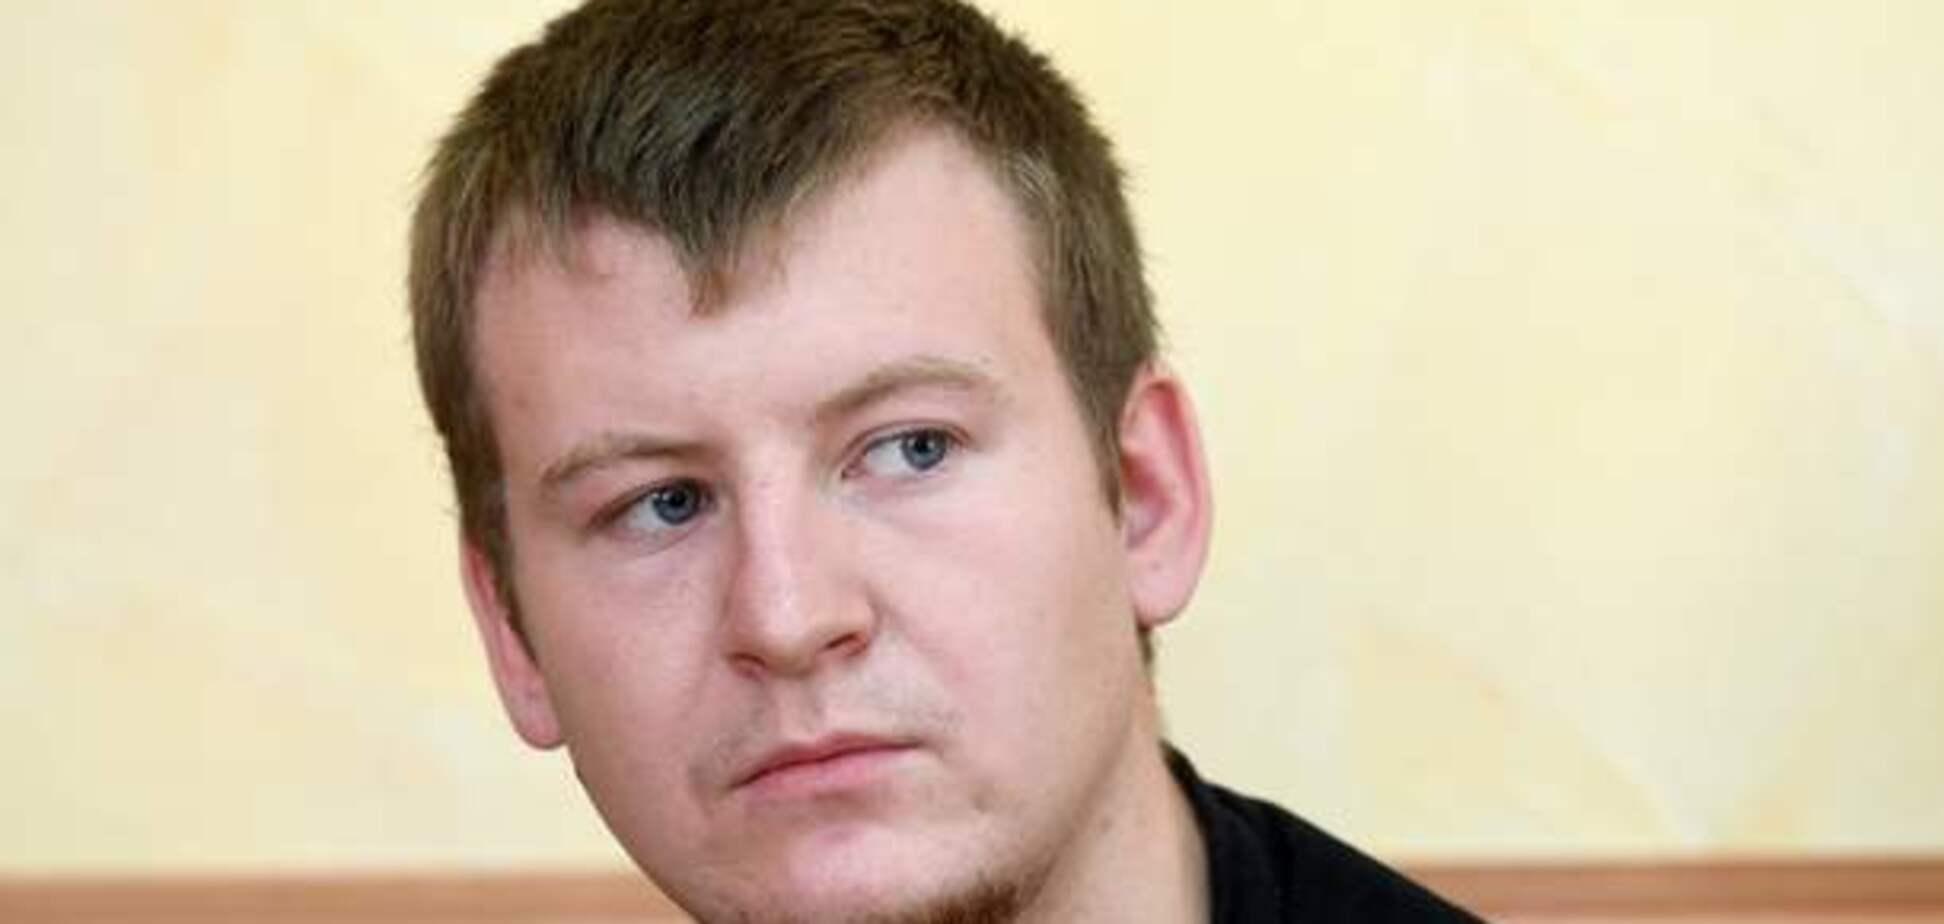 Іхтамєсть: у Лаврова визнали затриманого на Донбасі Агєєва полоненим